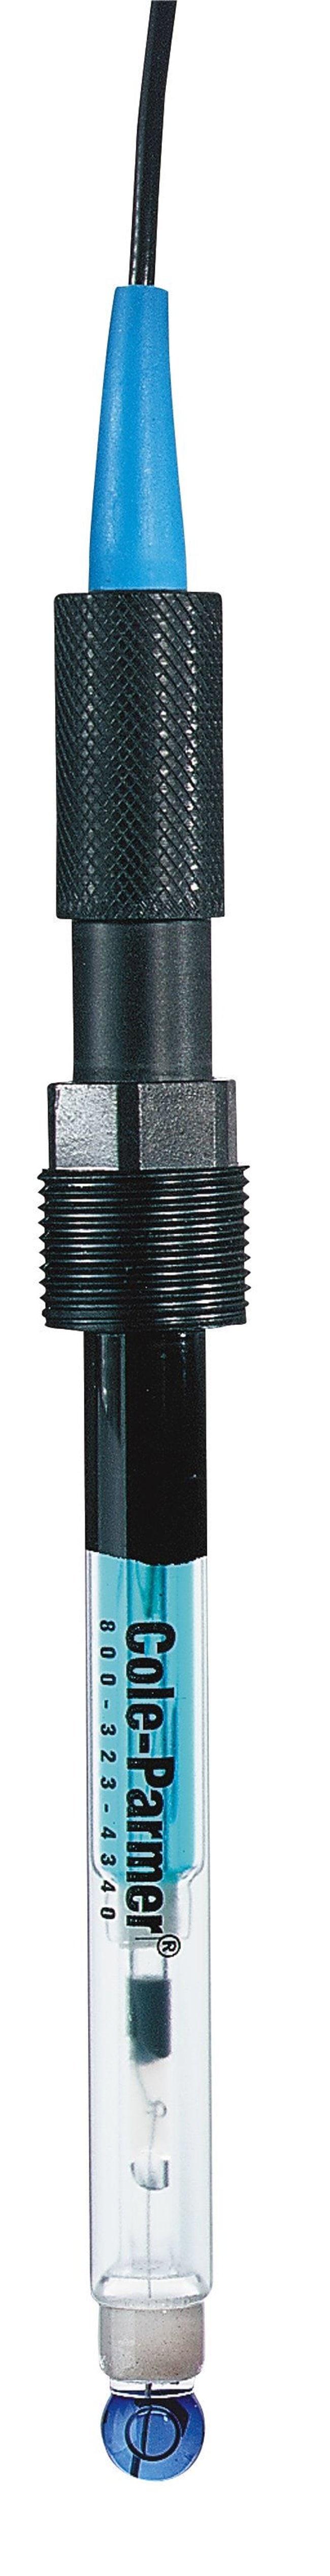 Cole-ParmerCole-Parmer Removable Blue Glass Double-Junction pH Electrode